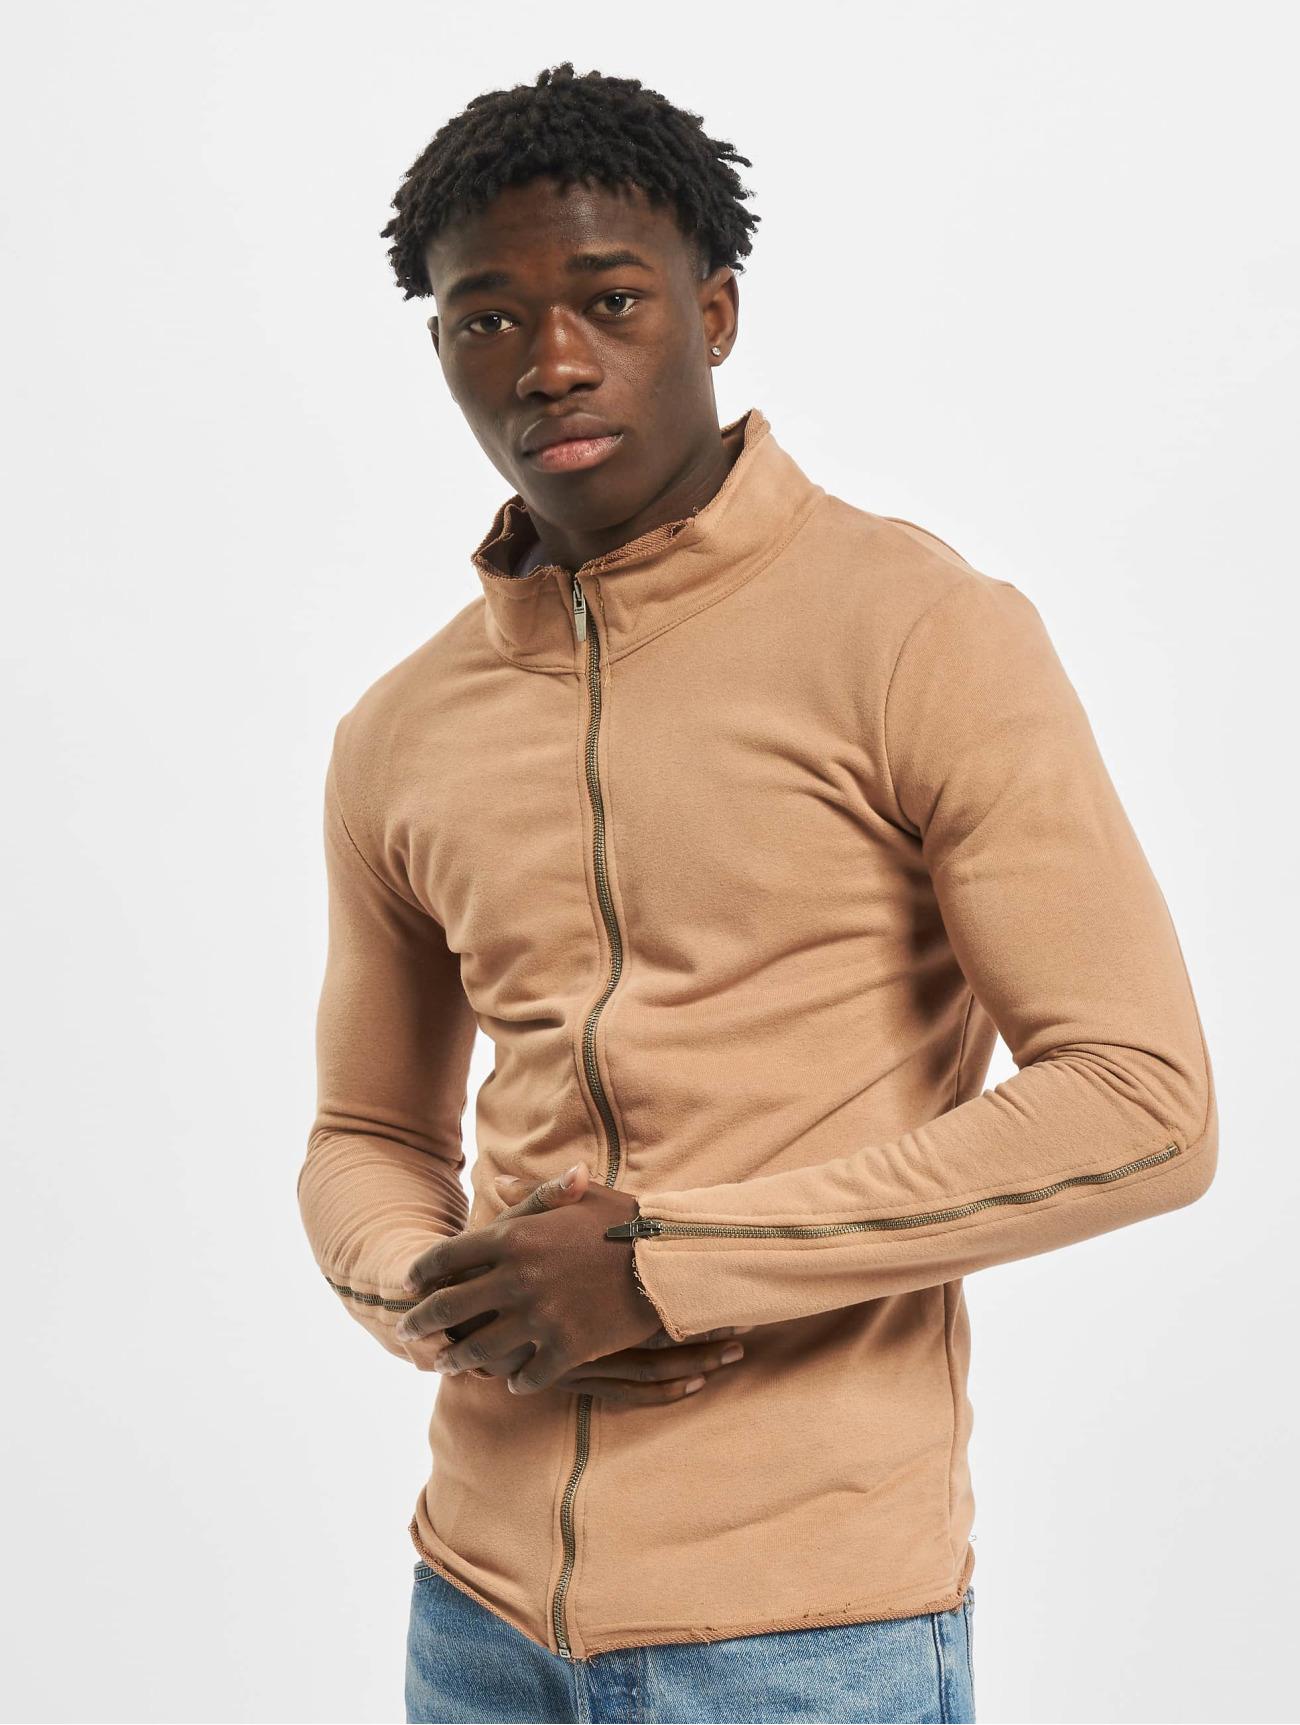 2Y   Sweat   brun Homme Veste mi-saison légère  314079  Homme Manteaux & Vestes